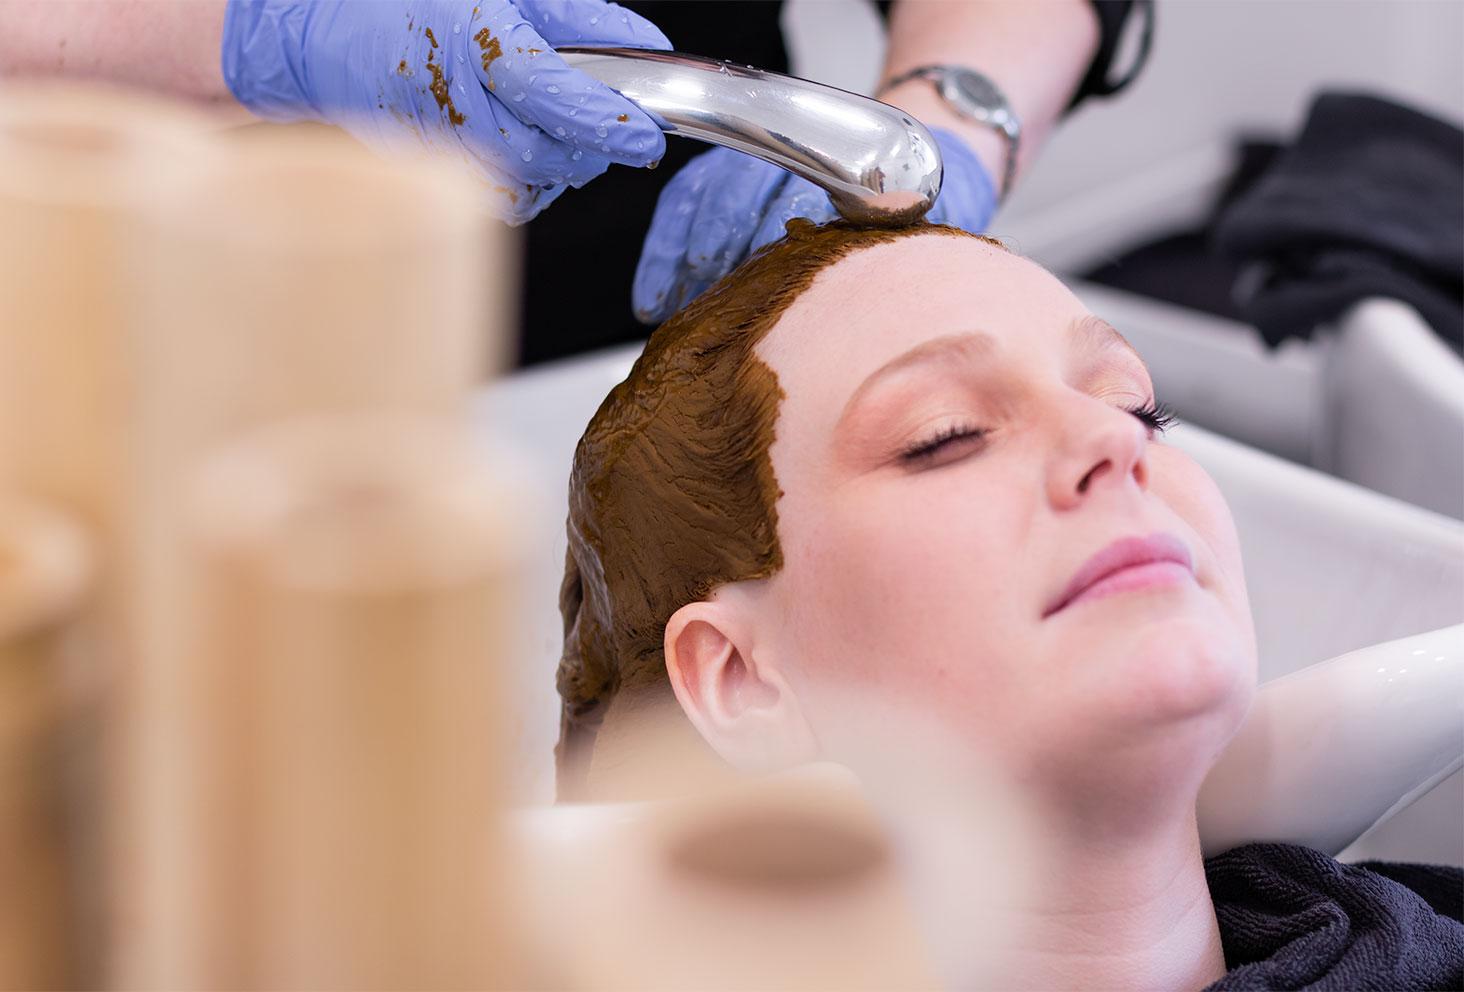 Rinçage de la coloration végétale au henné naturel sur les cheveux, au bac dans le salon de coiffure